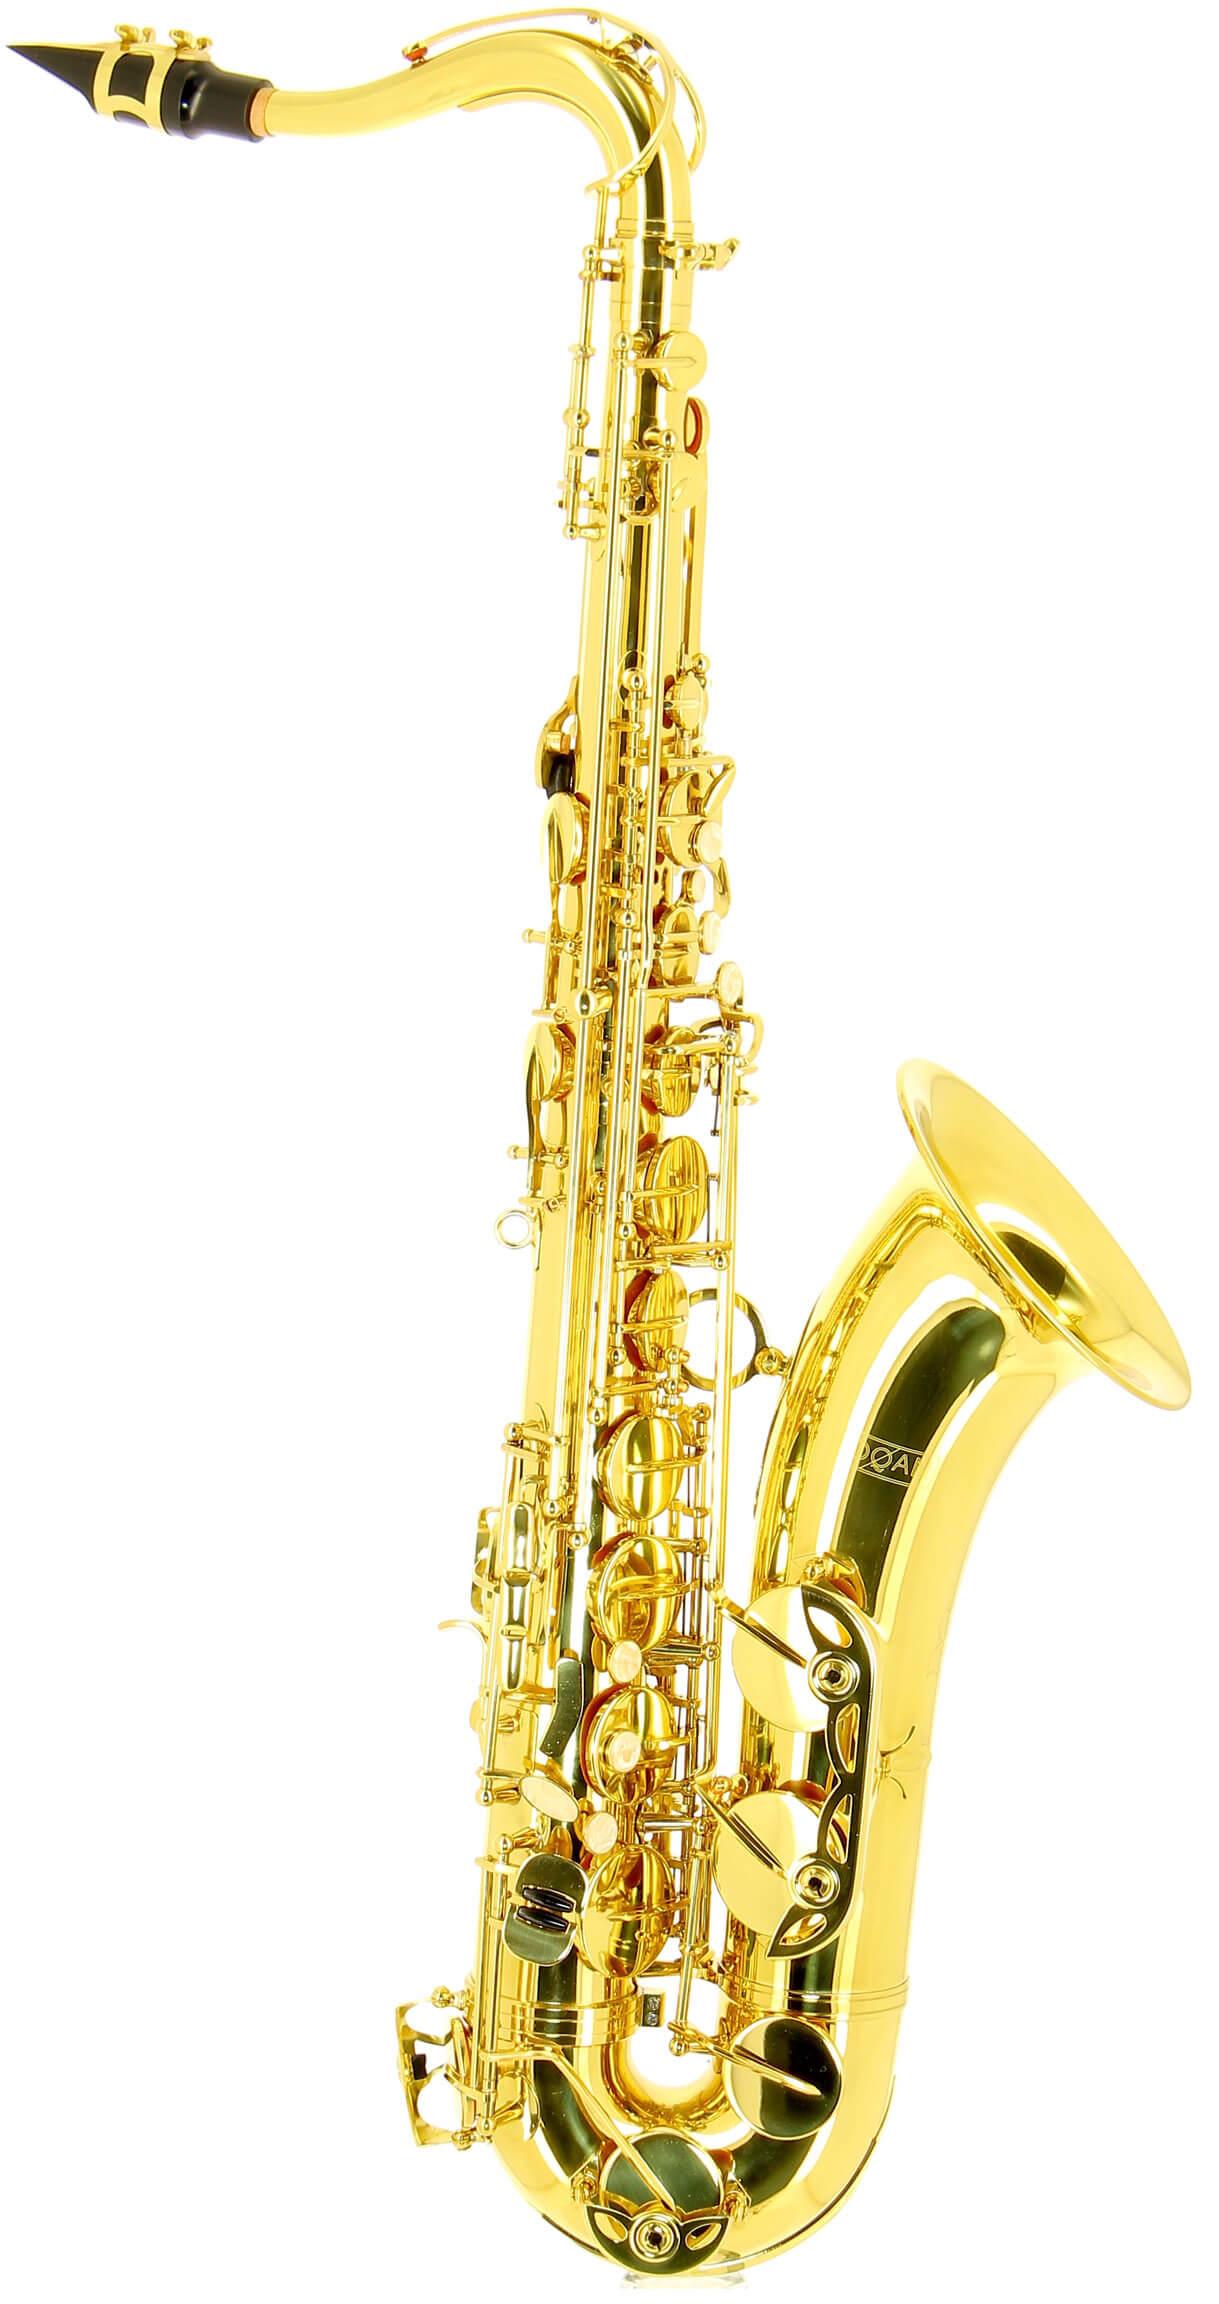 Saxofón Tenor Oqan Ots-700